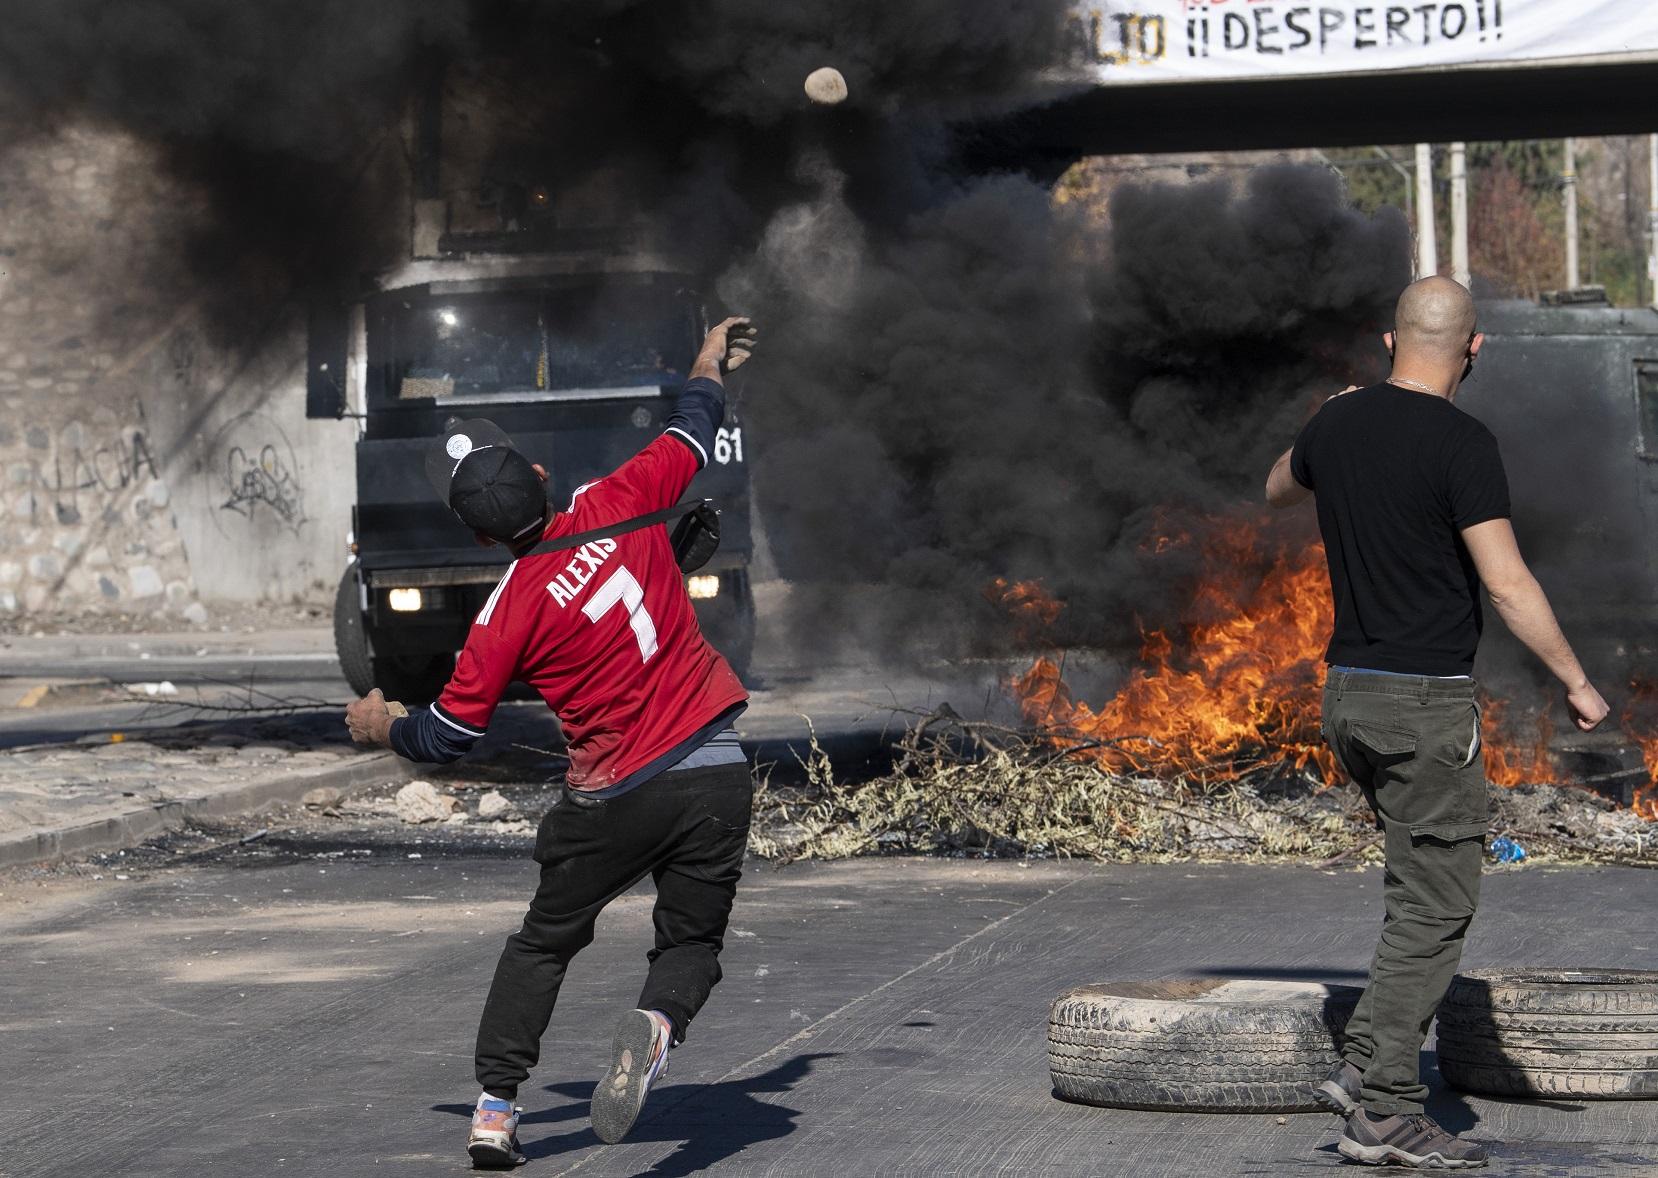 Manifestantes protestam contra o governo do presidente chileno, Sebastian Pinera, em meio à pandemia da covid-19. Foto Martin Bernetti/AFP